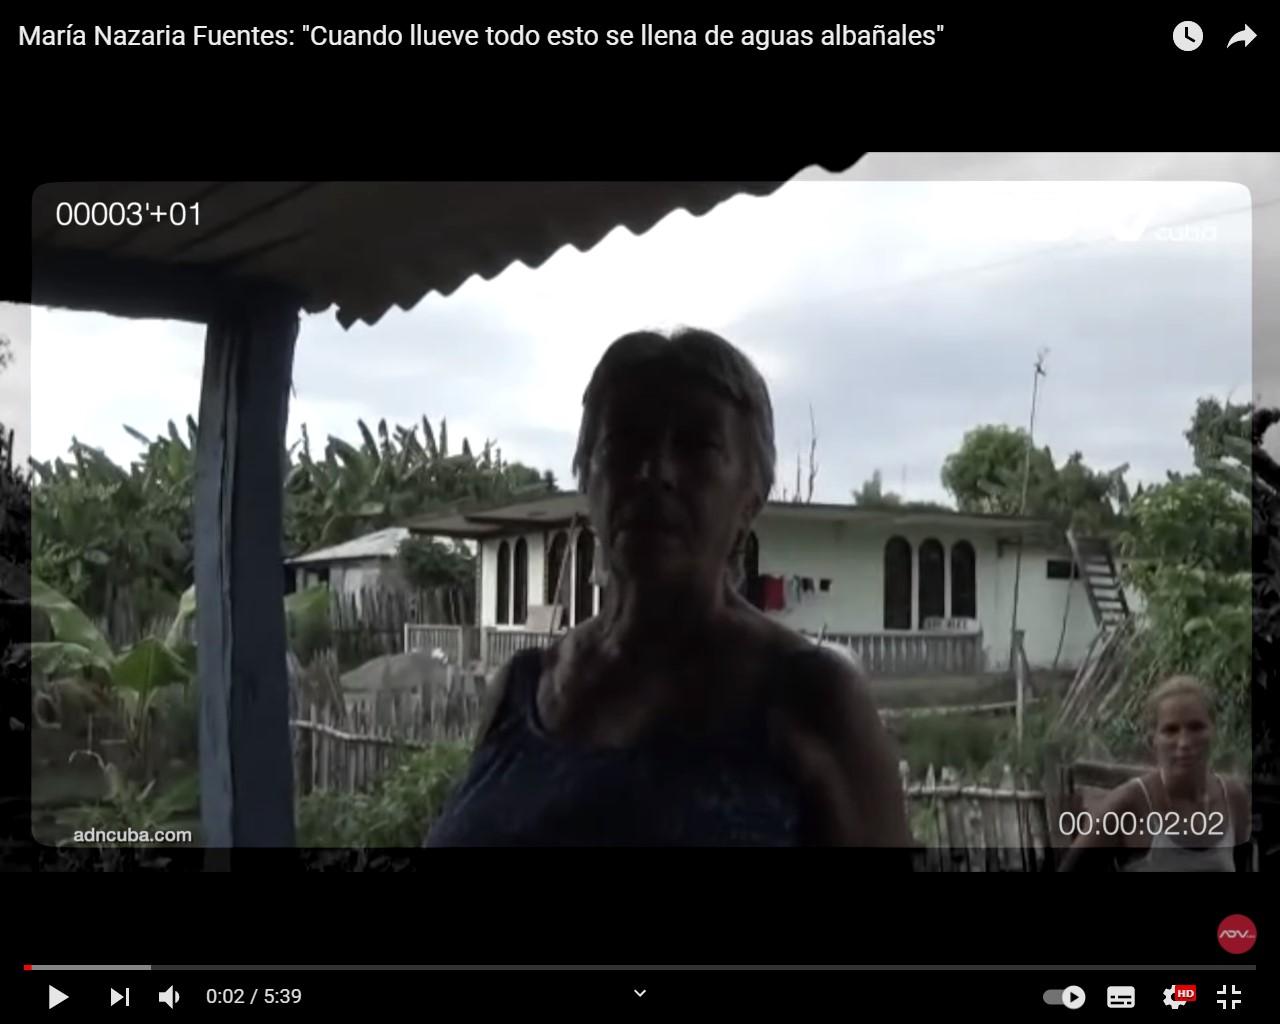 Denuncia cubana enferma que la lluvia inunda su casa de aguas albañales